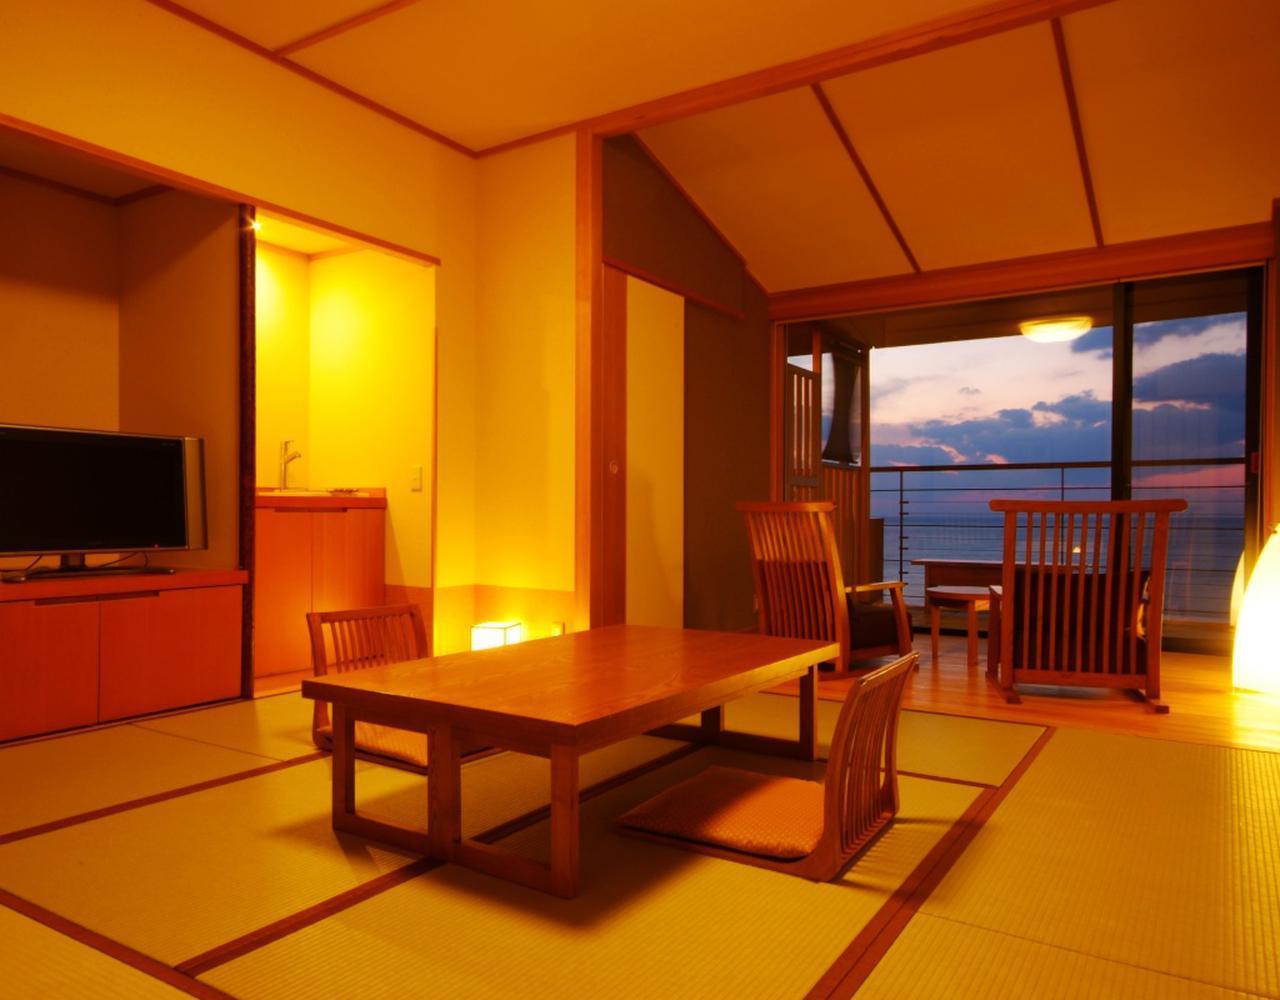 画像: 浜千鳥の湯 海舟 暁の抄 和洋室